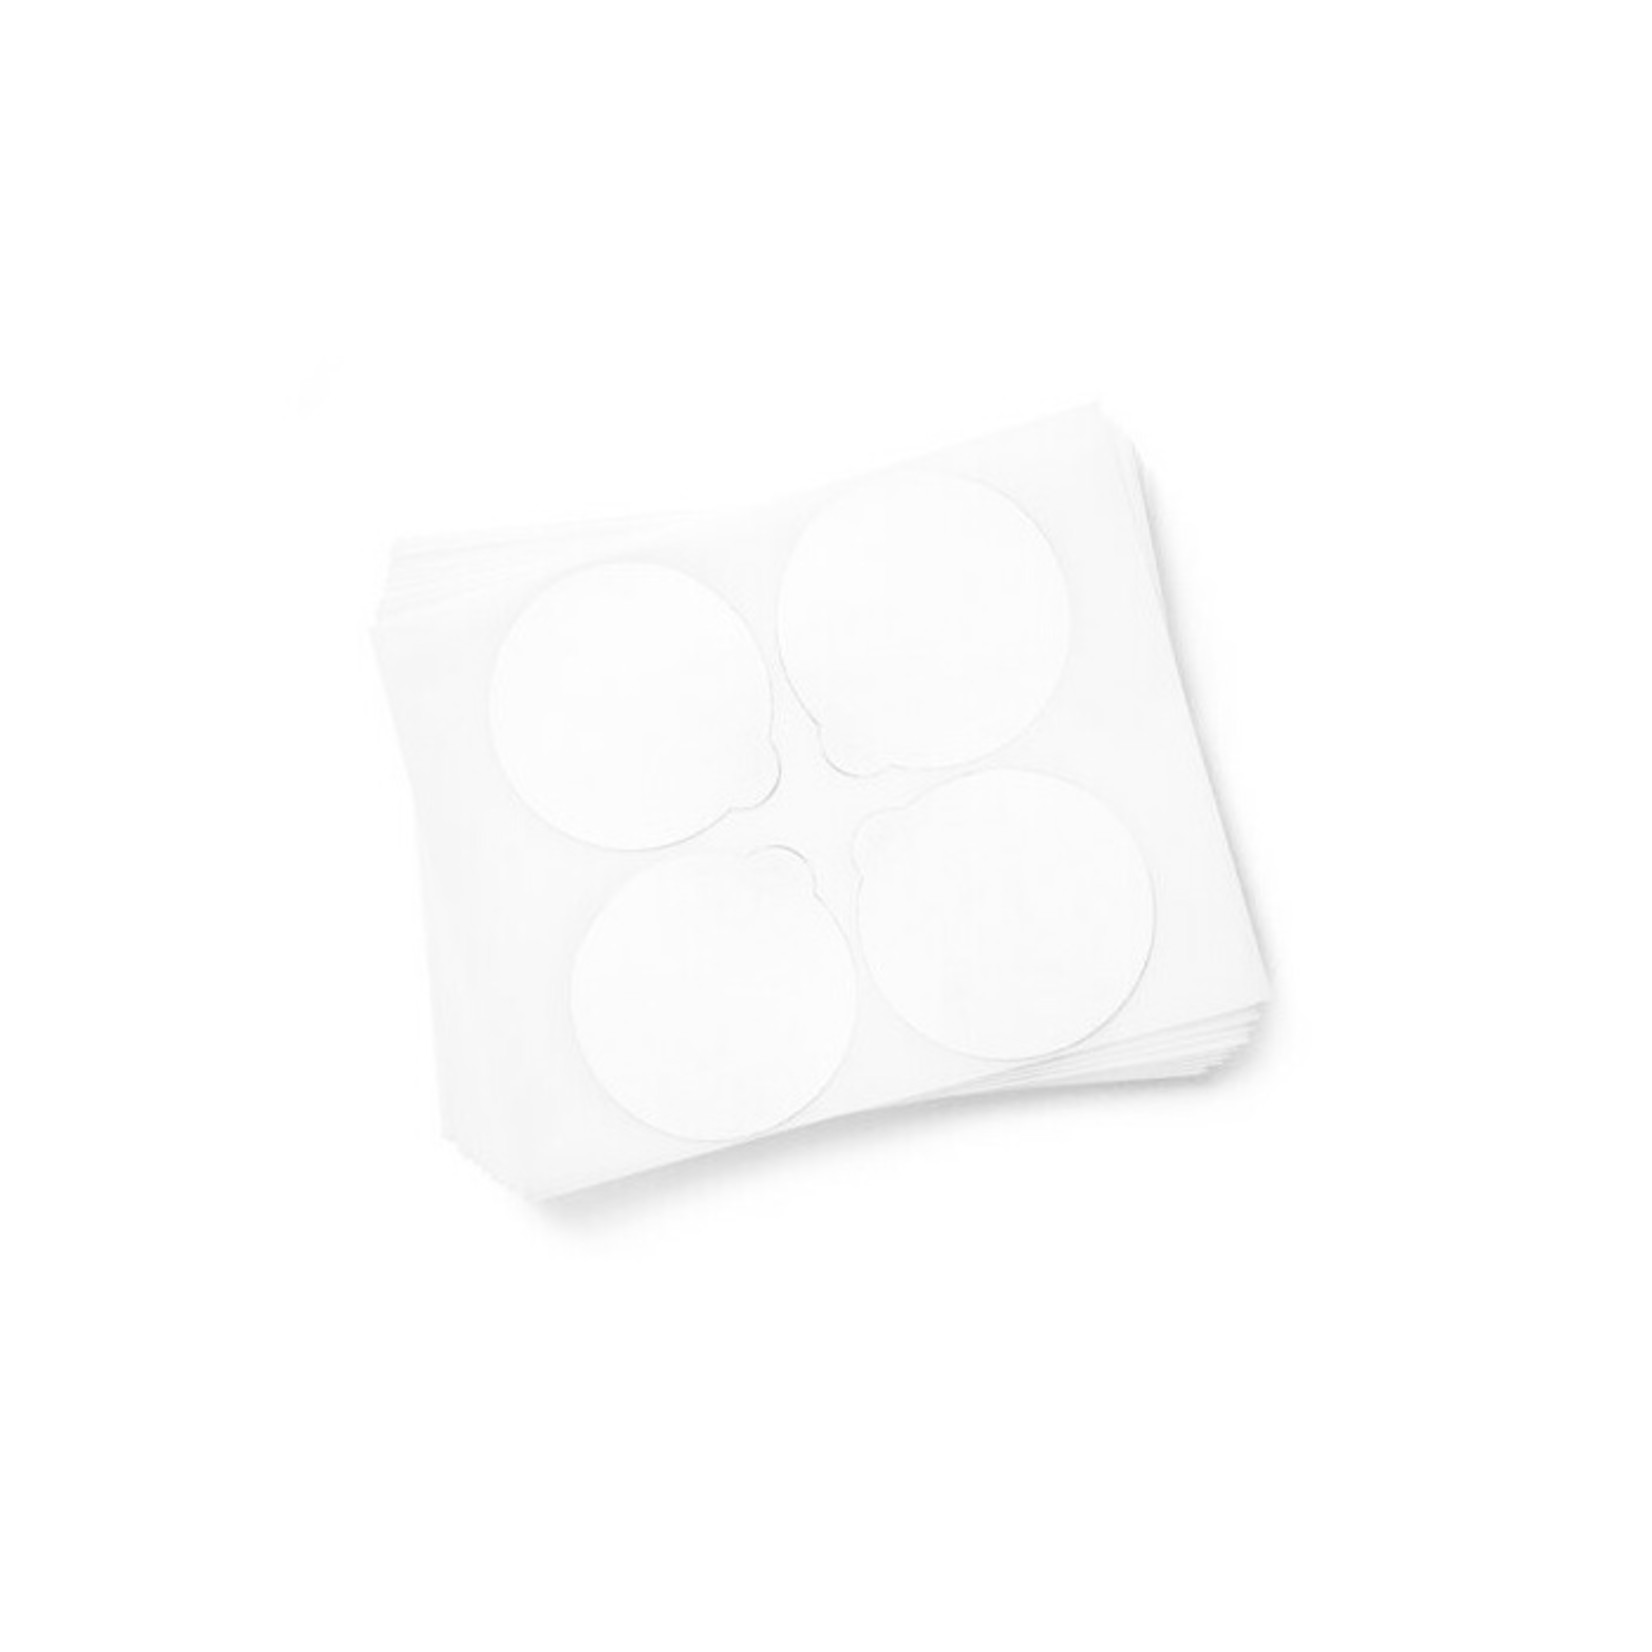 SealPod SealPod Sticker Lids 100 pack